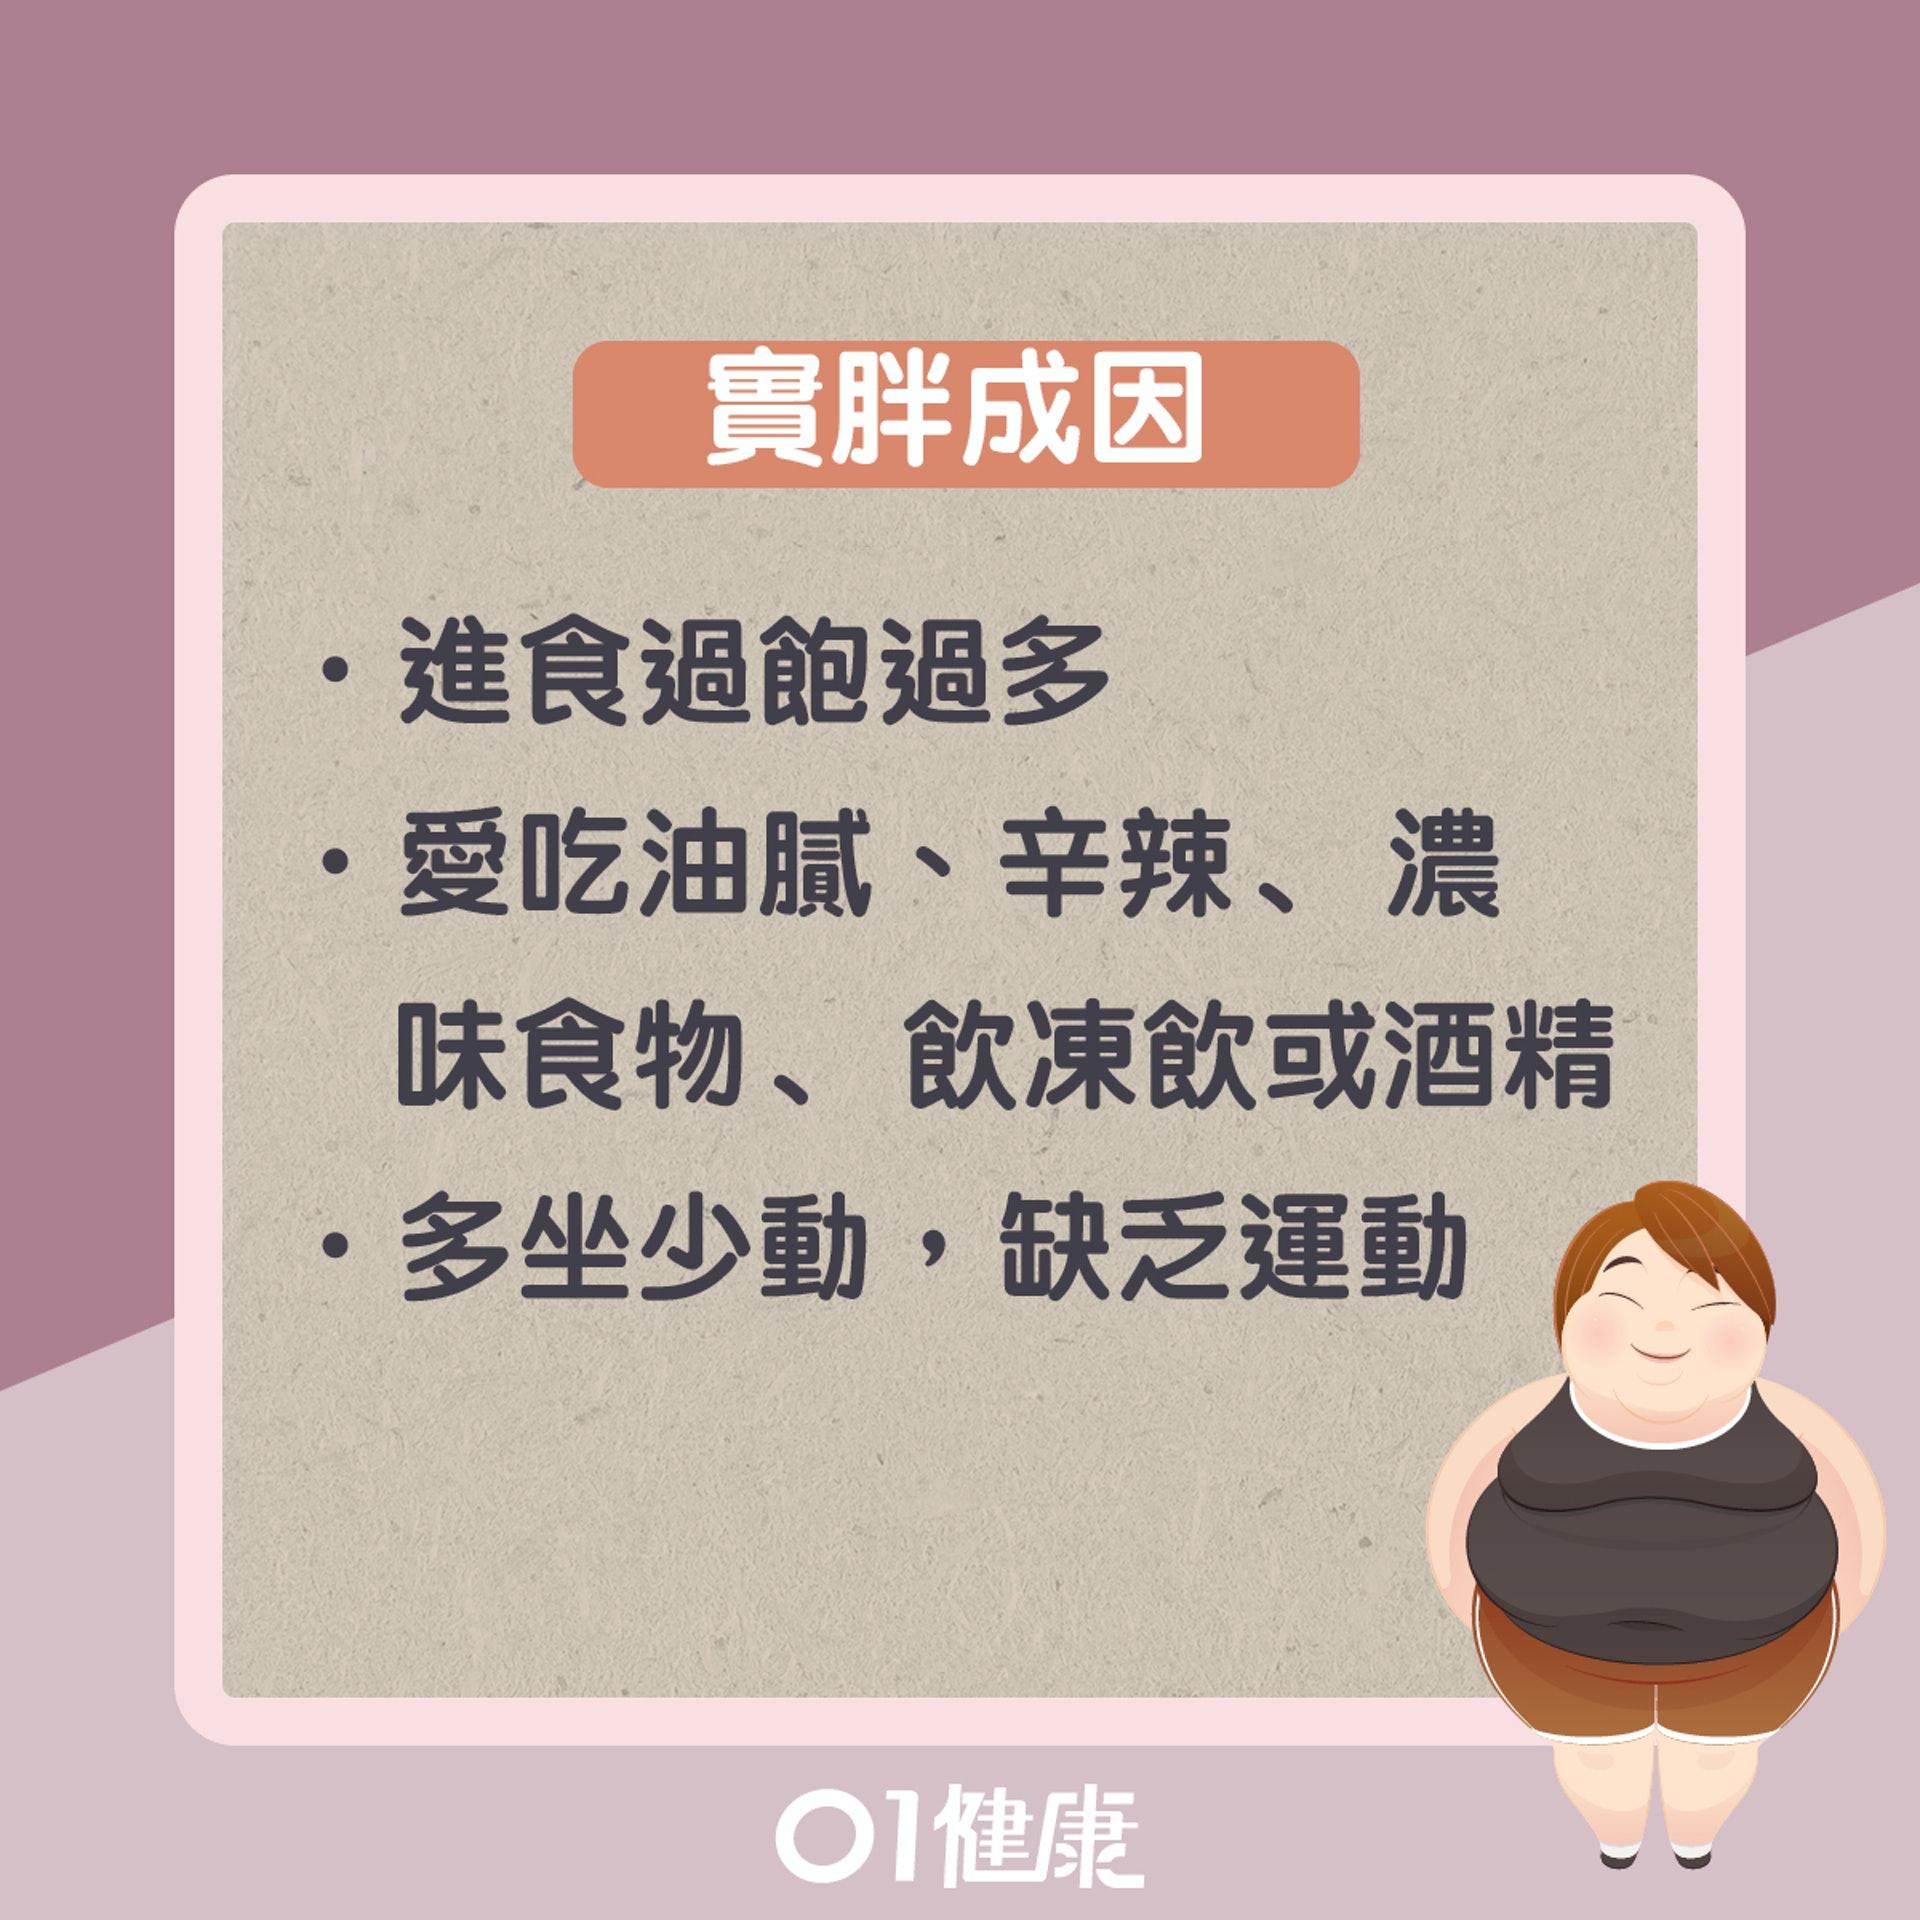 實胖知多啲(01製圖)